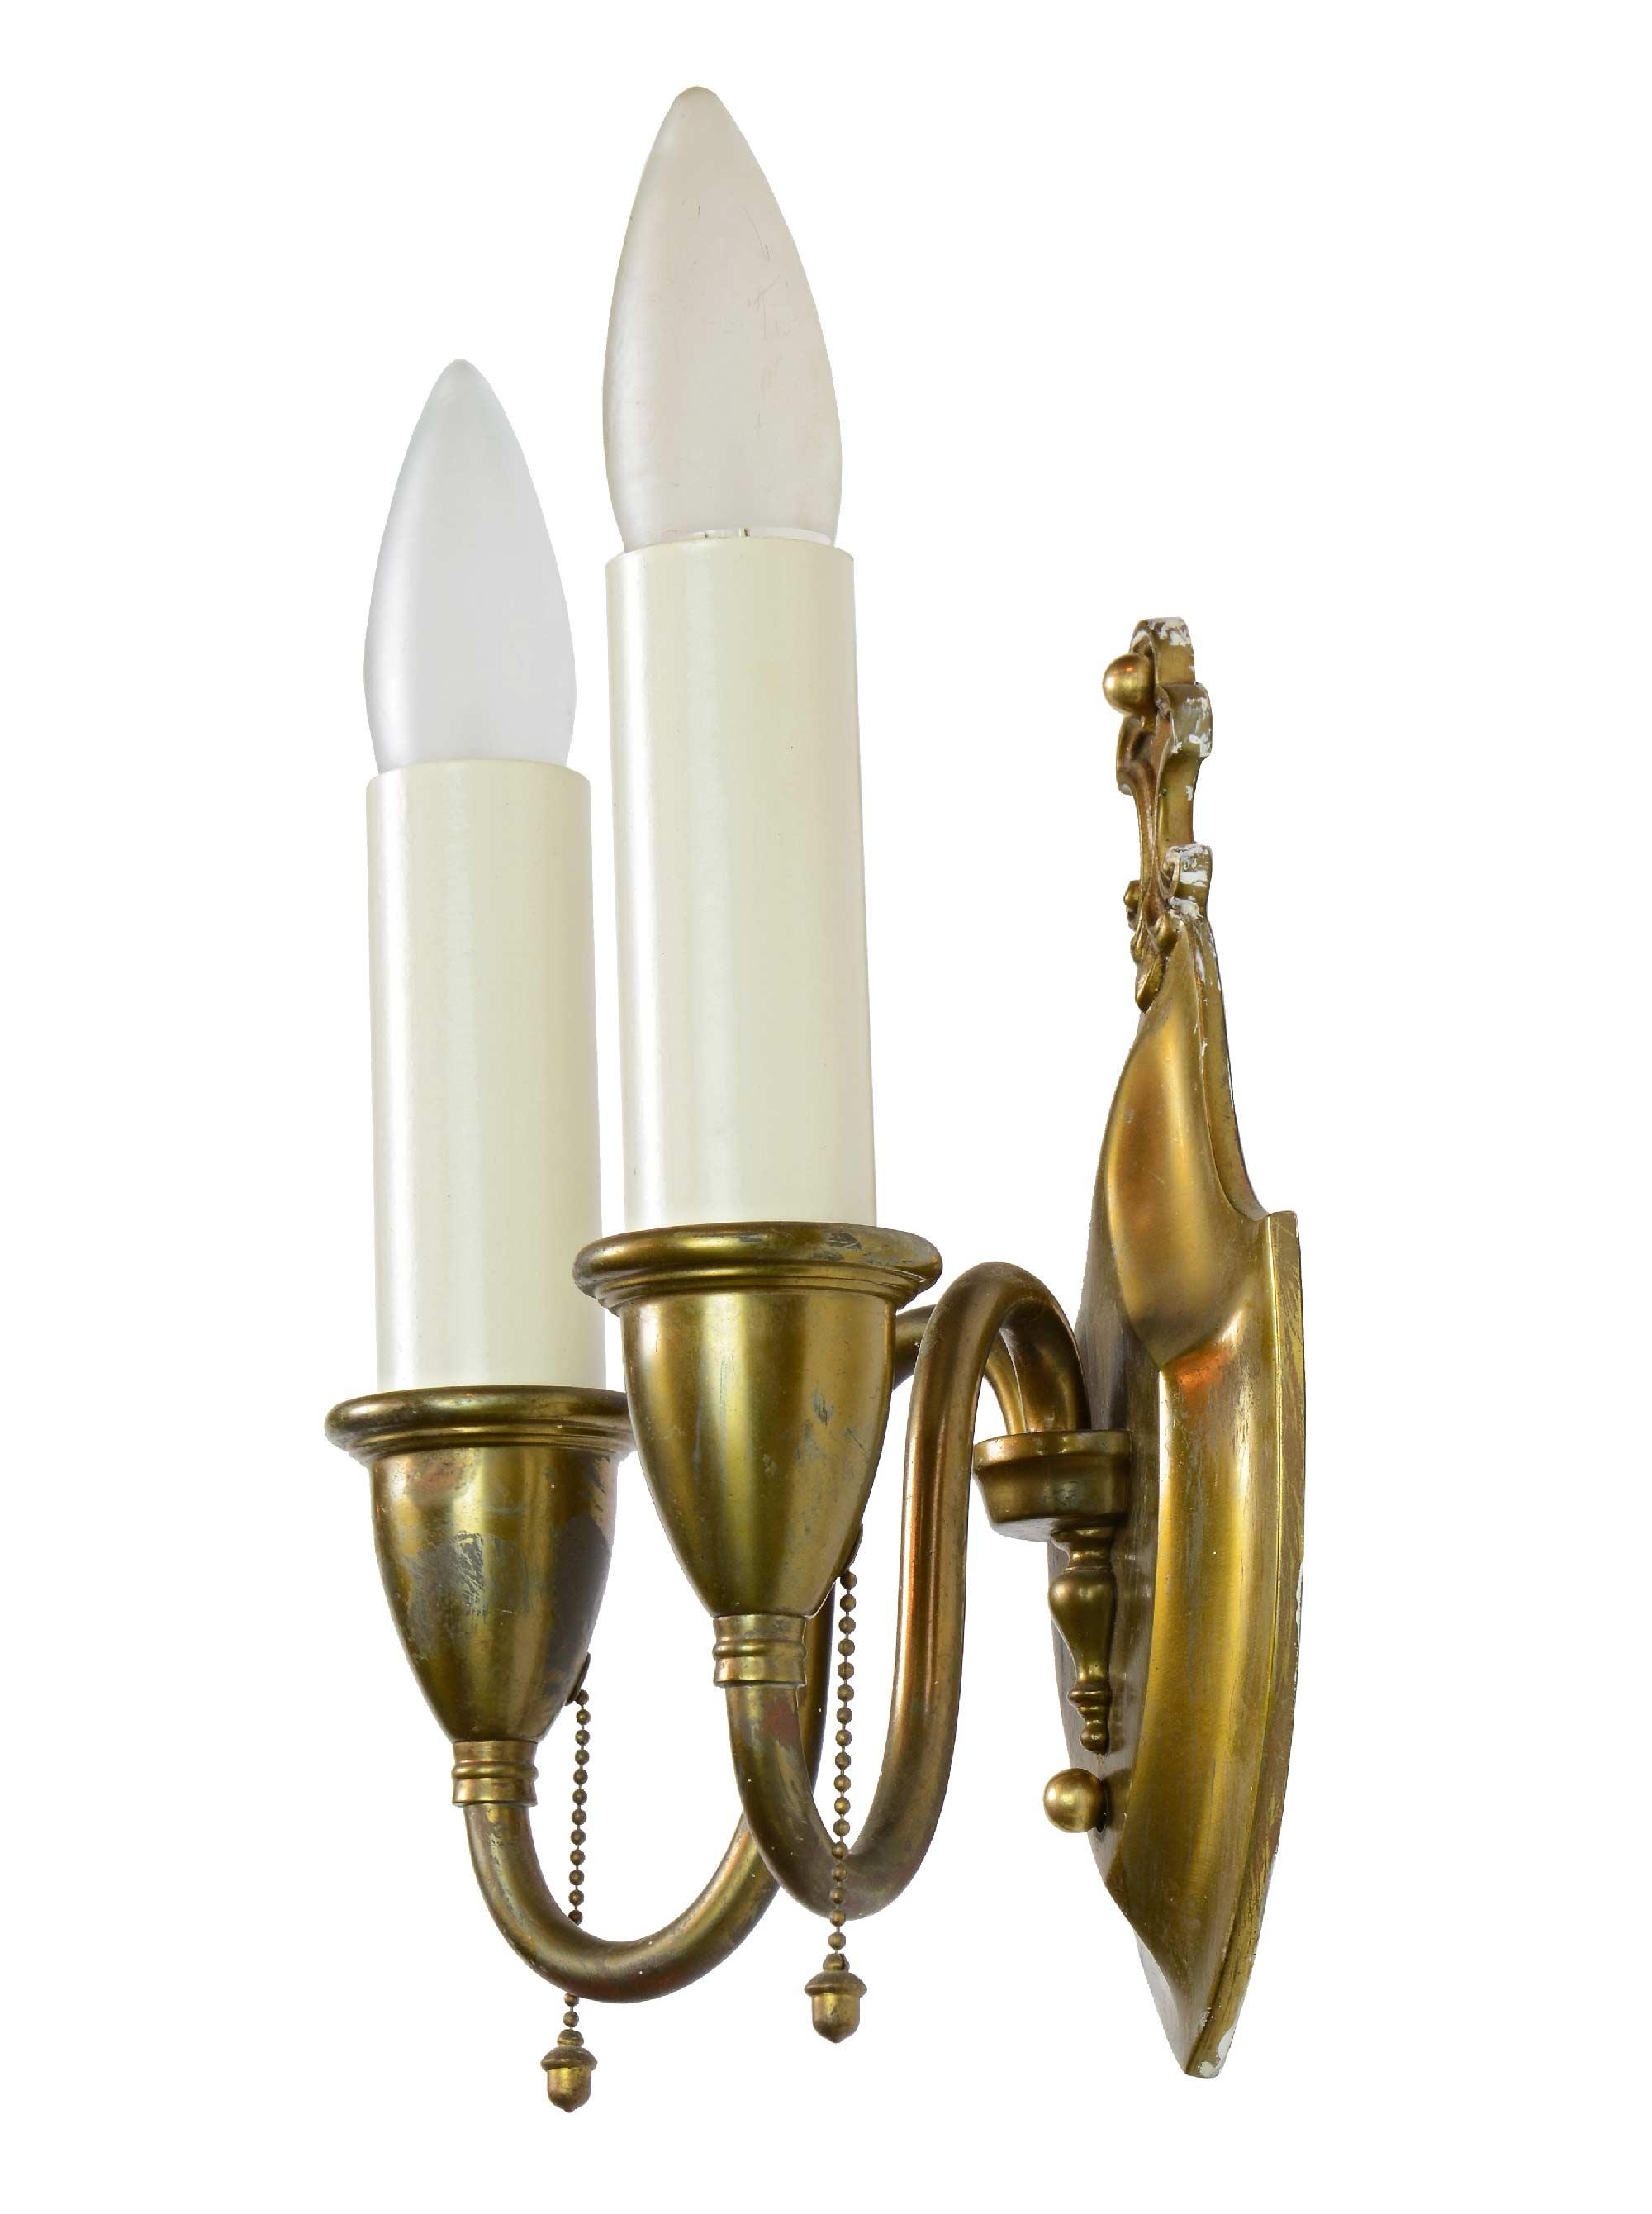 43196-cast-brass-2-arm-sconce-side.jpg